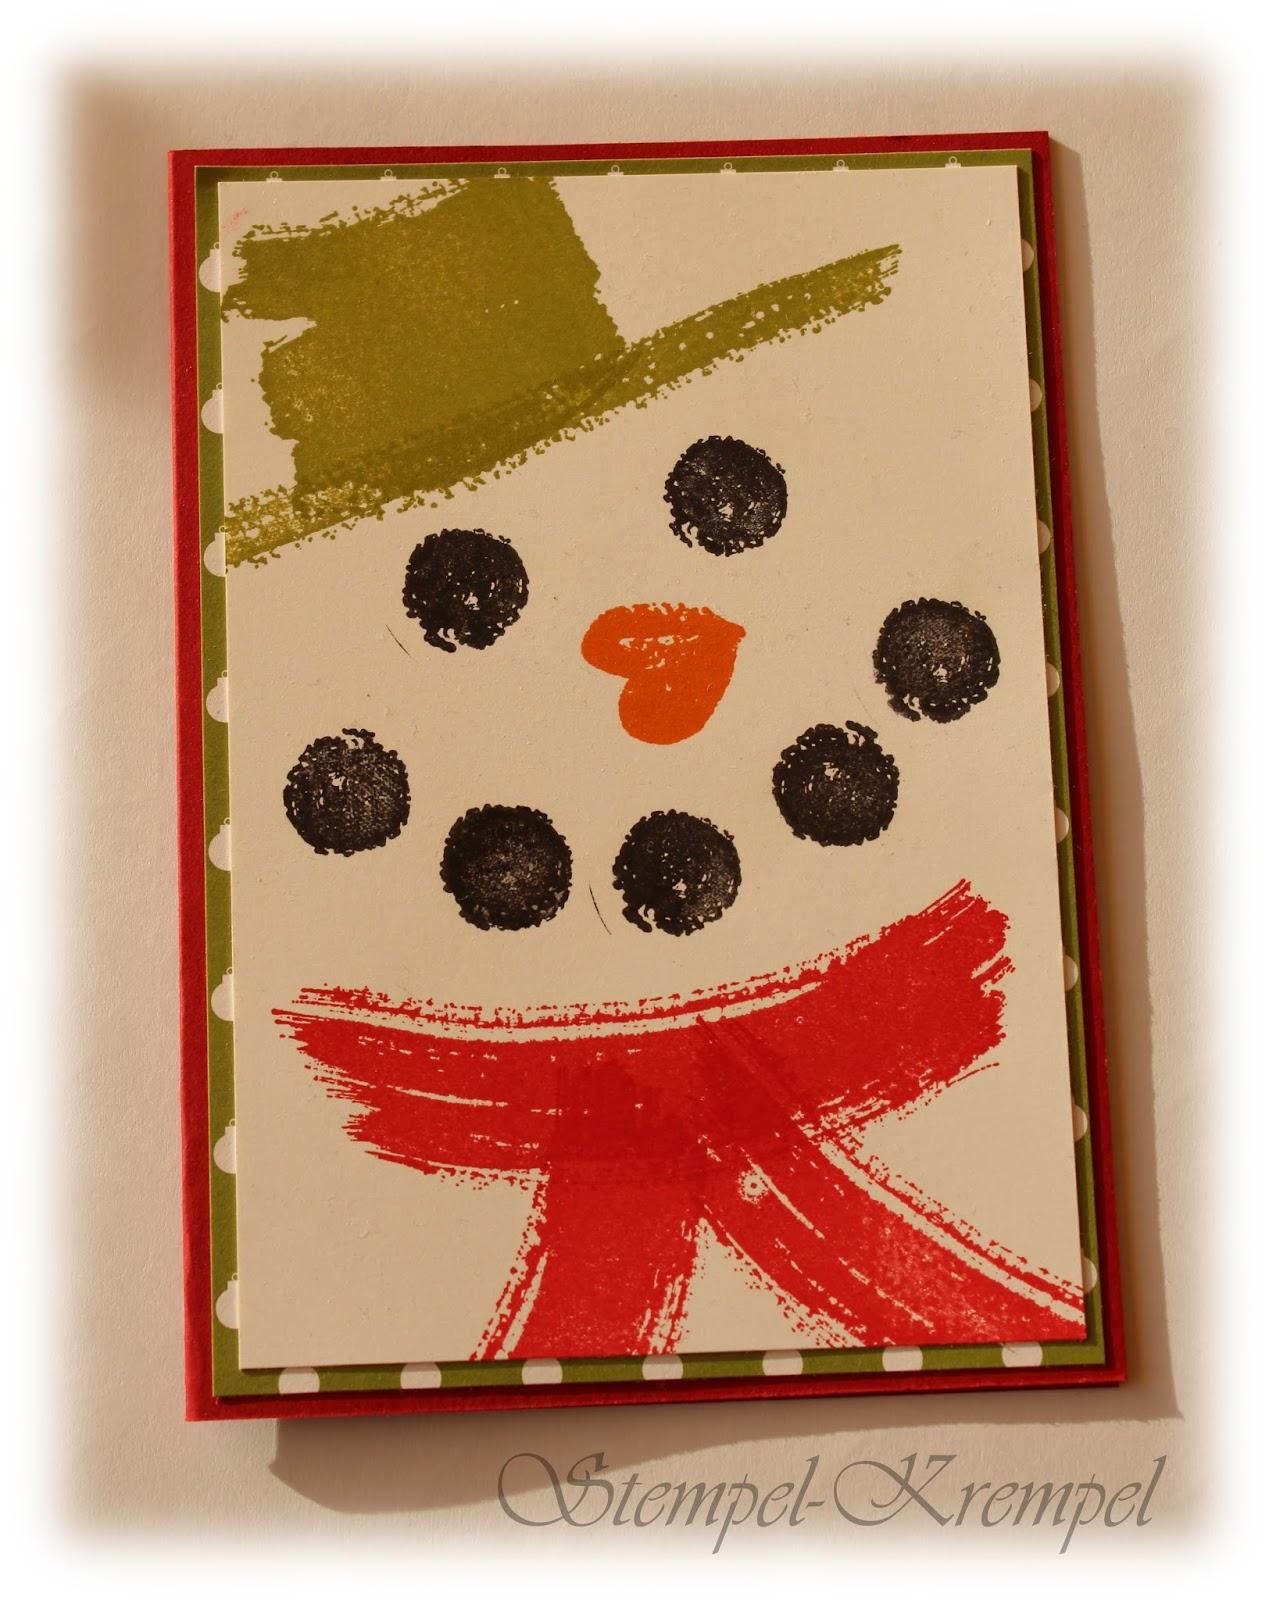 Stempel krempel weihnachtskarten fast ohne - Niedliche weihnachtskarten ...